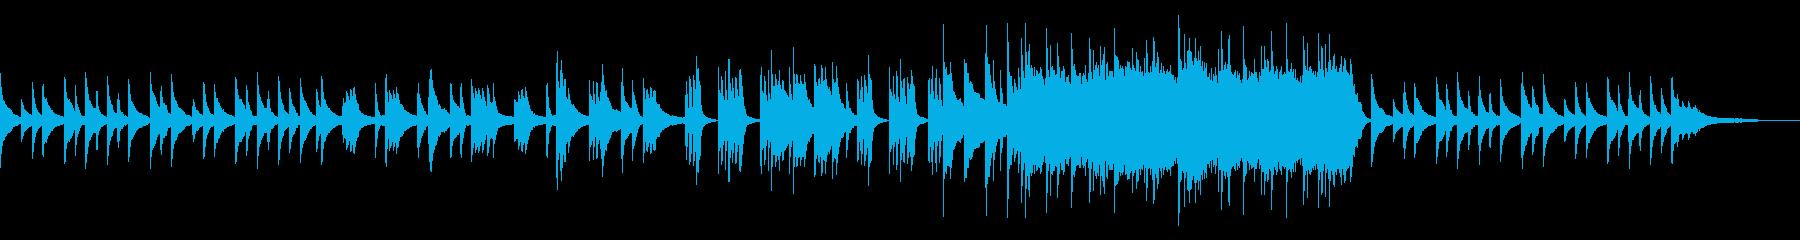 ノベルゲーみたいな悲しいピアノソロの再生済みの波形